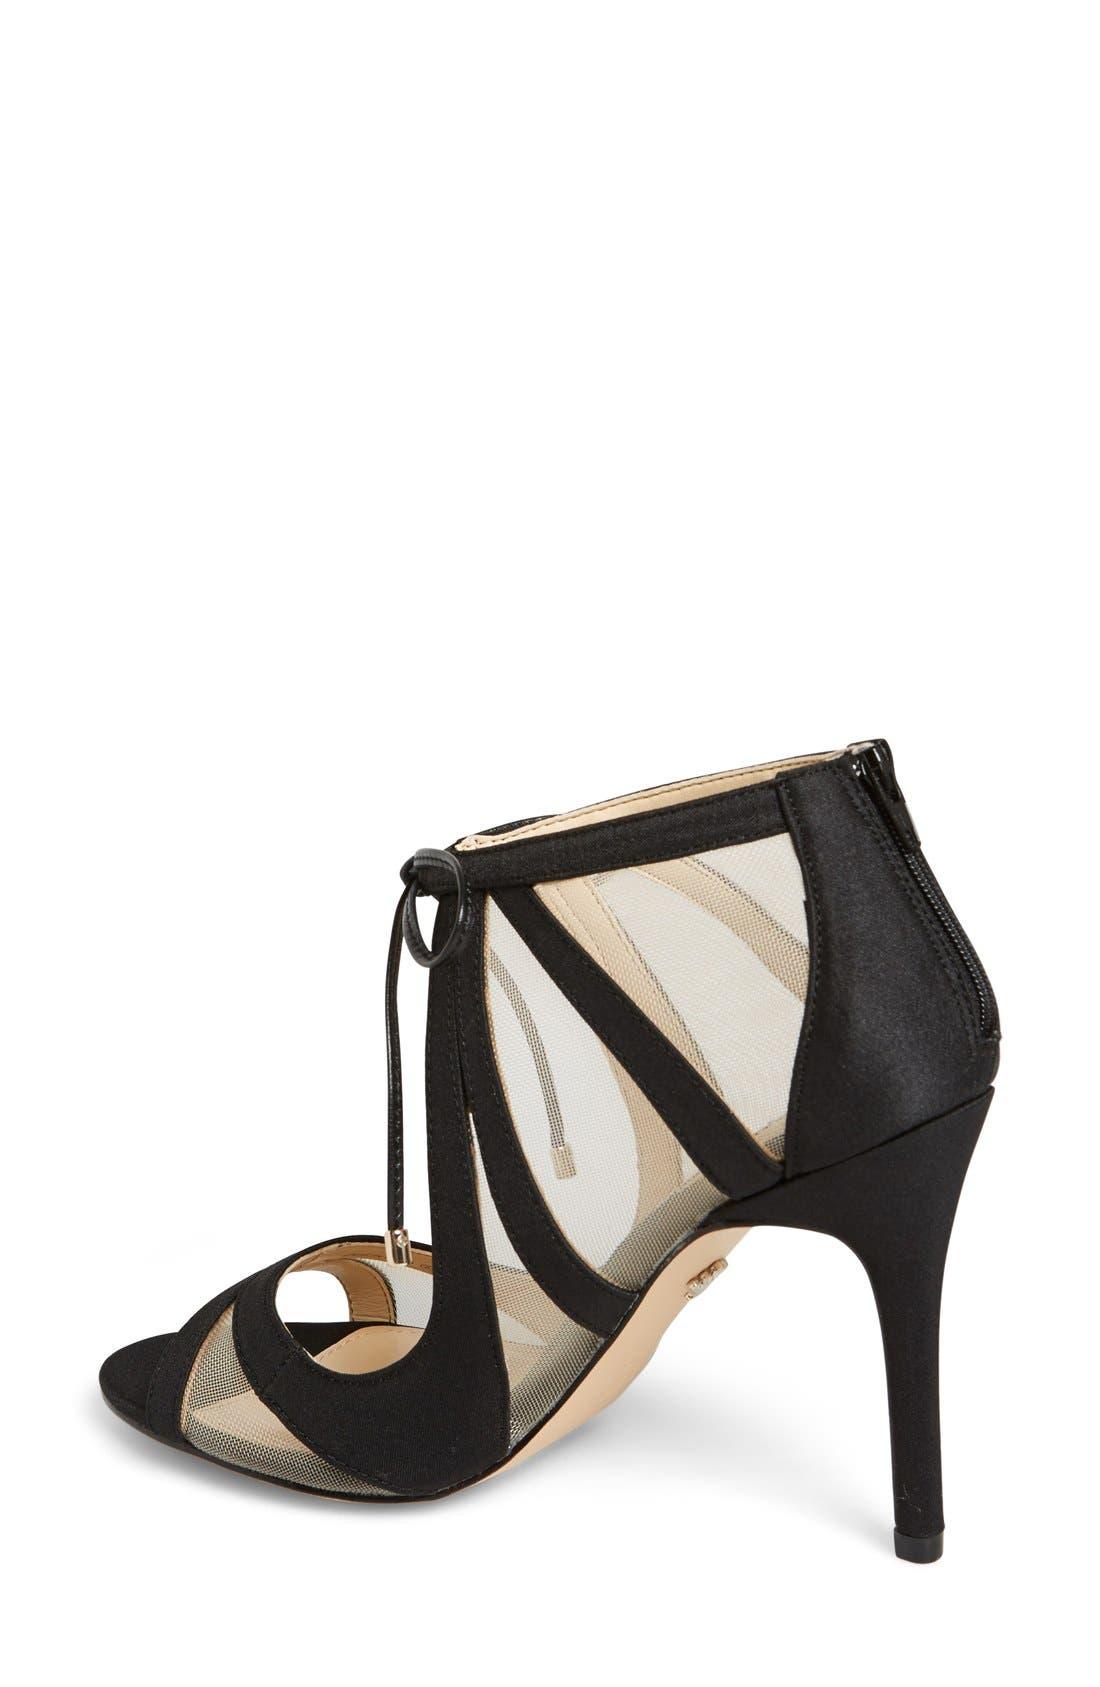 Cherie Illusion Sandal,                             Alternate thumbnail 4, color,                             BLACK SATIN/ NUDE MESH